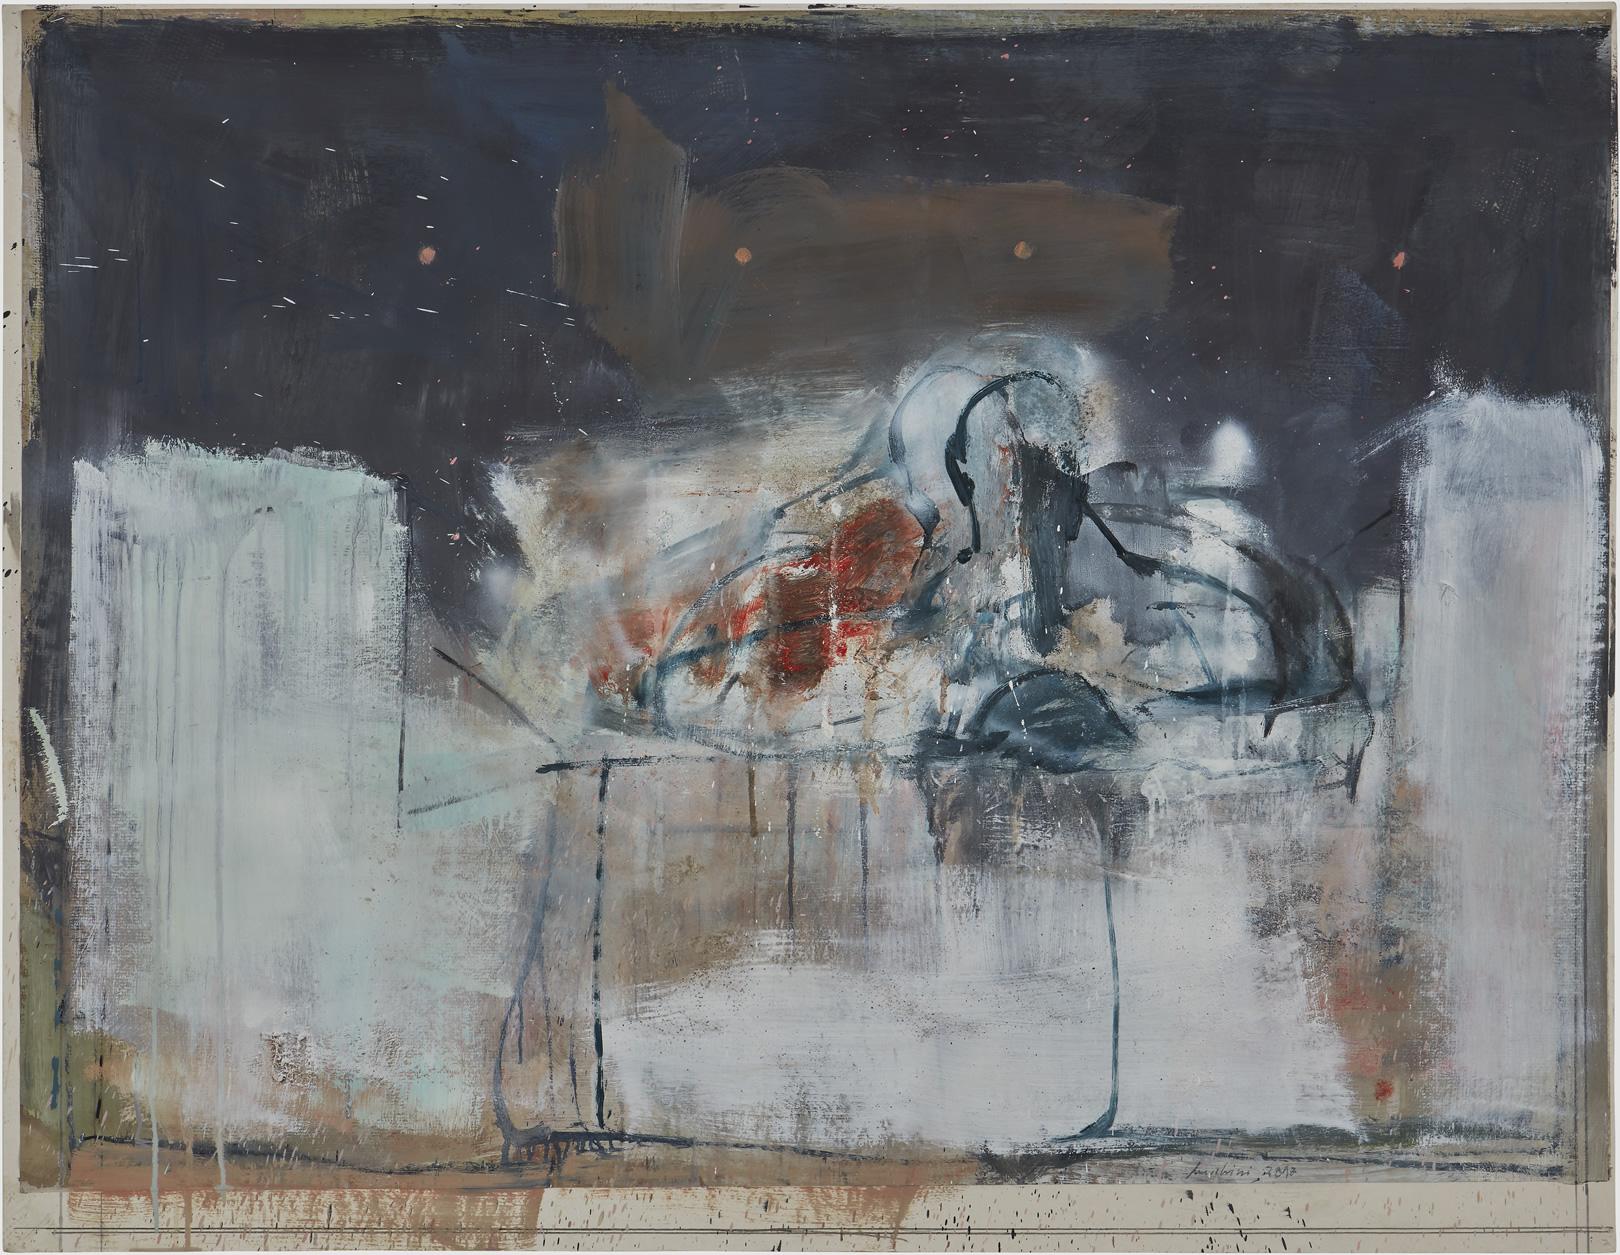 Presenza in un interno, omaggio a A.Giacometti